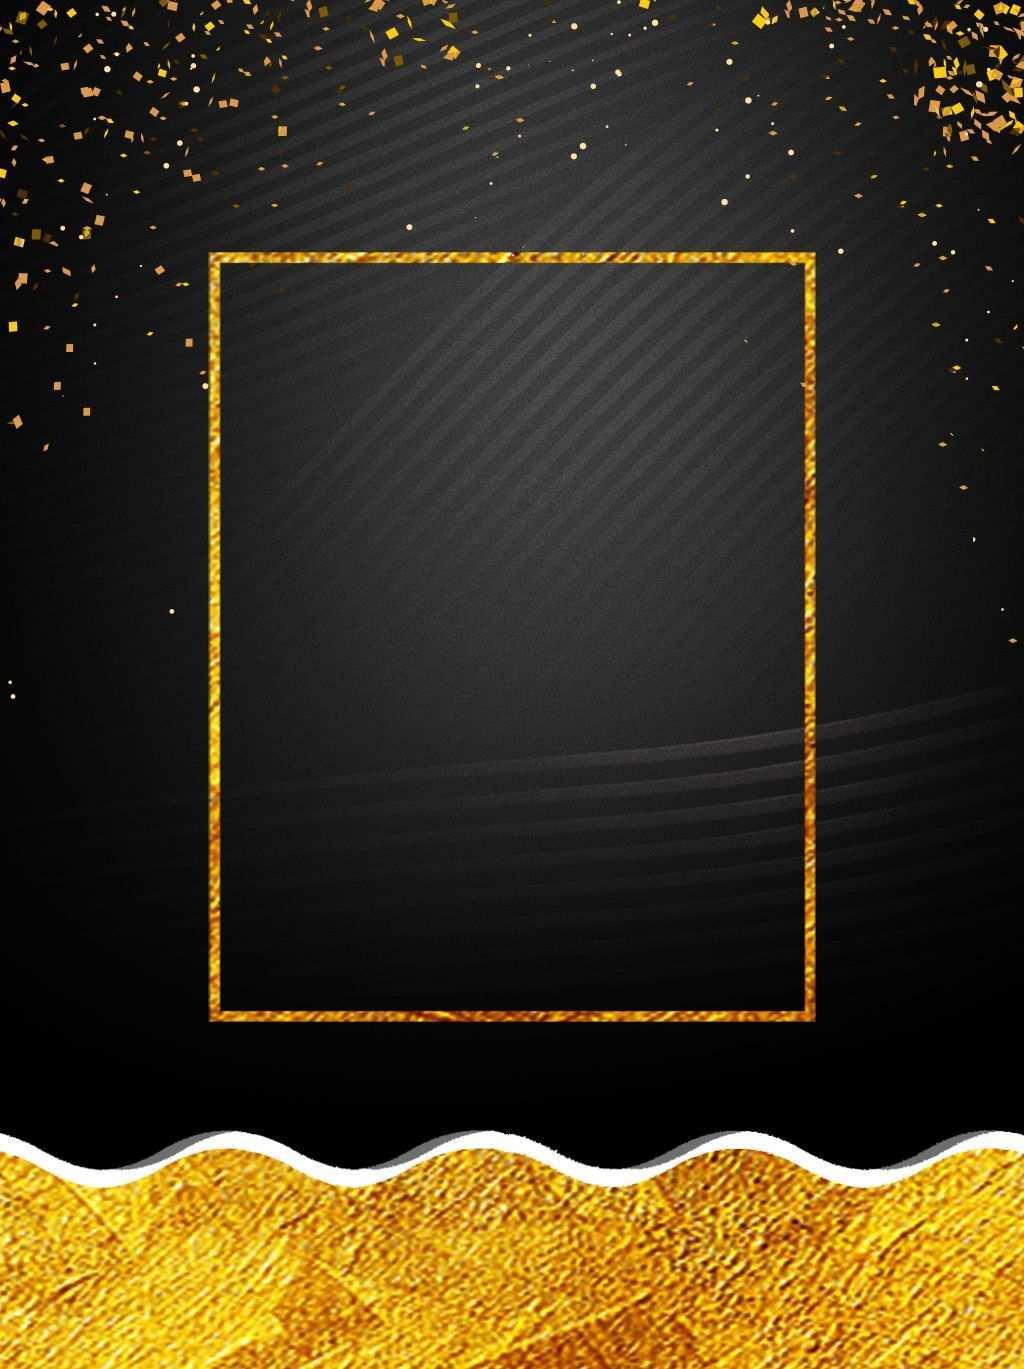 Kreatives Plakathintergrunddesign Des Schwarzen Goldwindes Kreative Plakate Hintergrund Design Festival Hintergrund